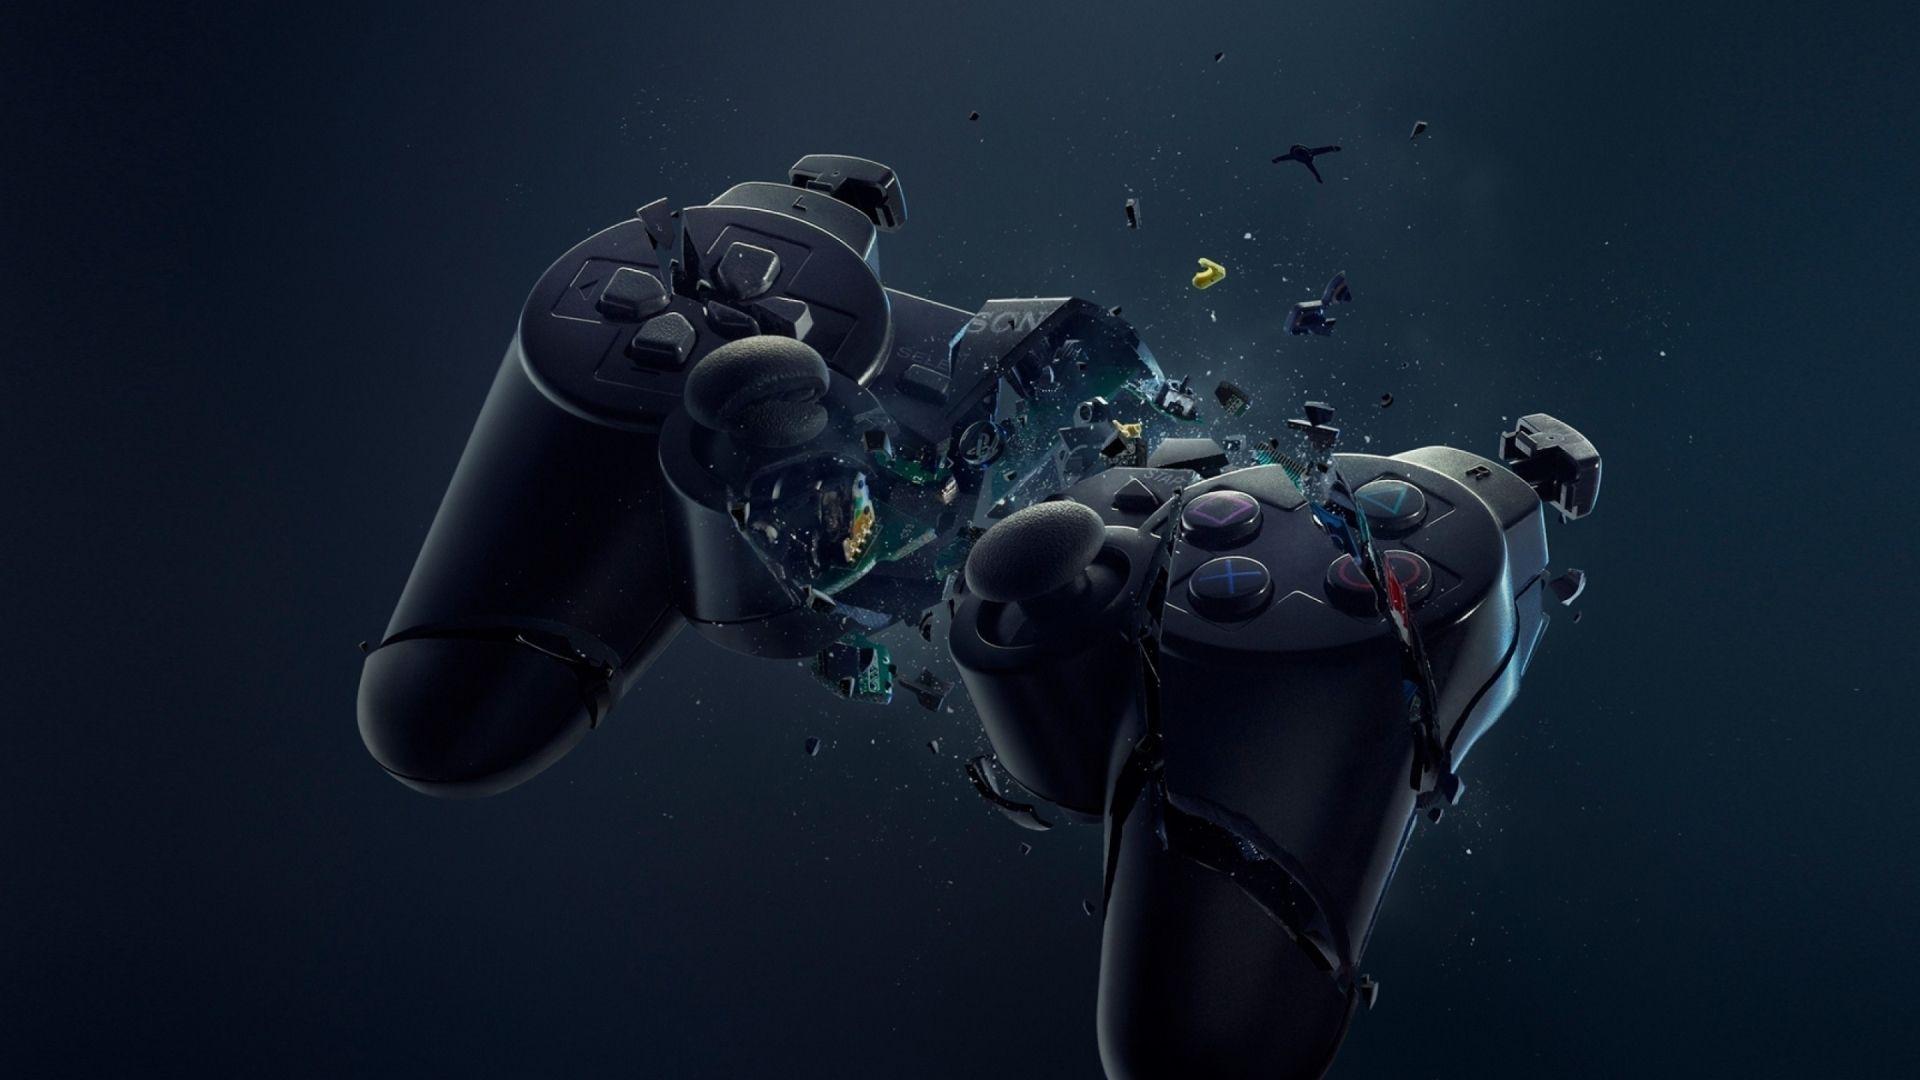 Fonds d'écran : Broken Joystick / Manette PS cassé pour Mac   Jeux, Dessins mignons et Arrière plan